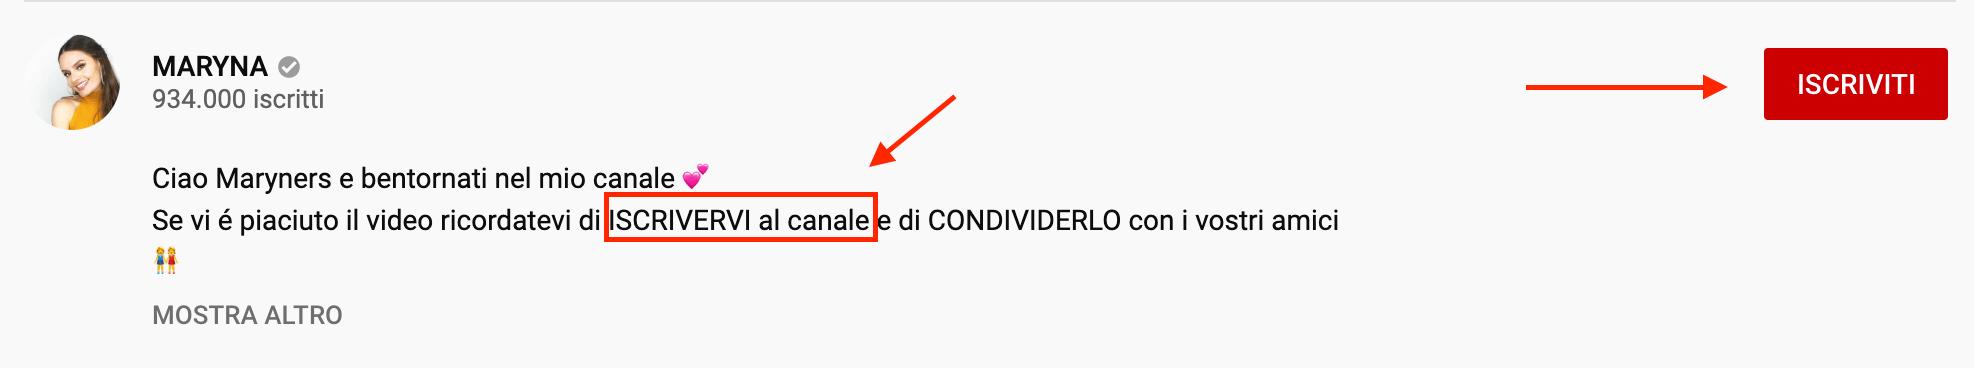 visualizzazioni su youtube